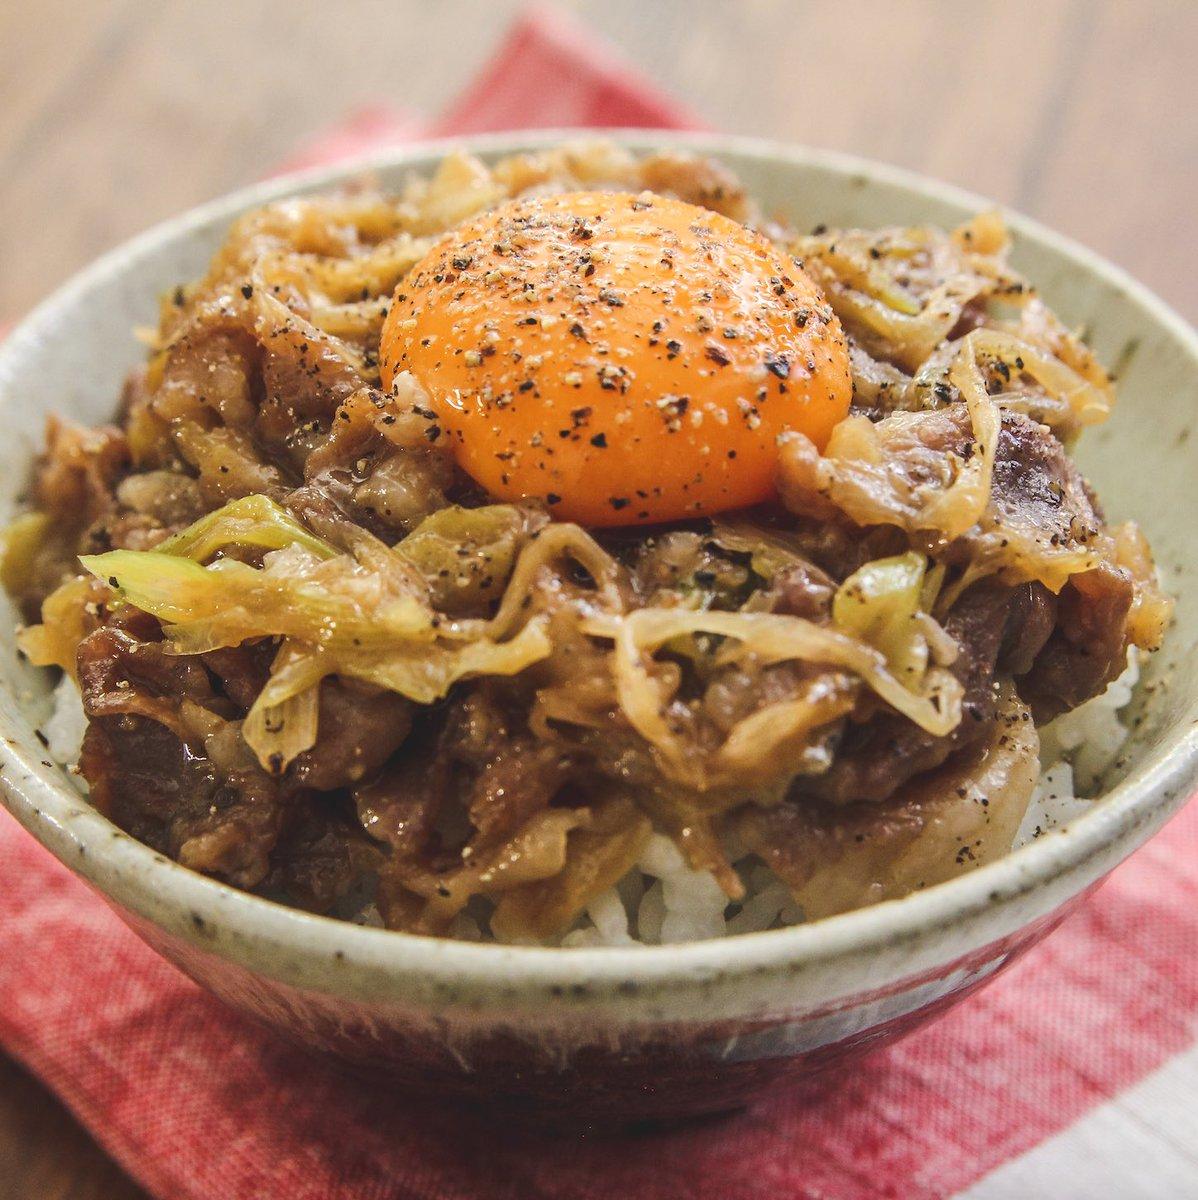 ご飯が止まらなくなっちゃう美味しさ?!絶妙な甘辛味に仕上がるという「豚丼」レシピ!